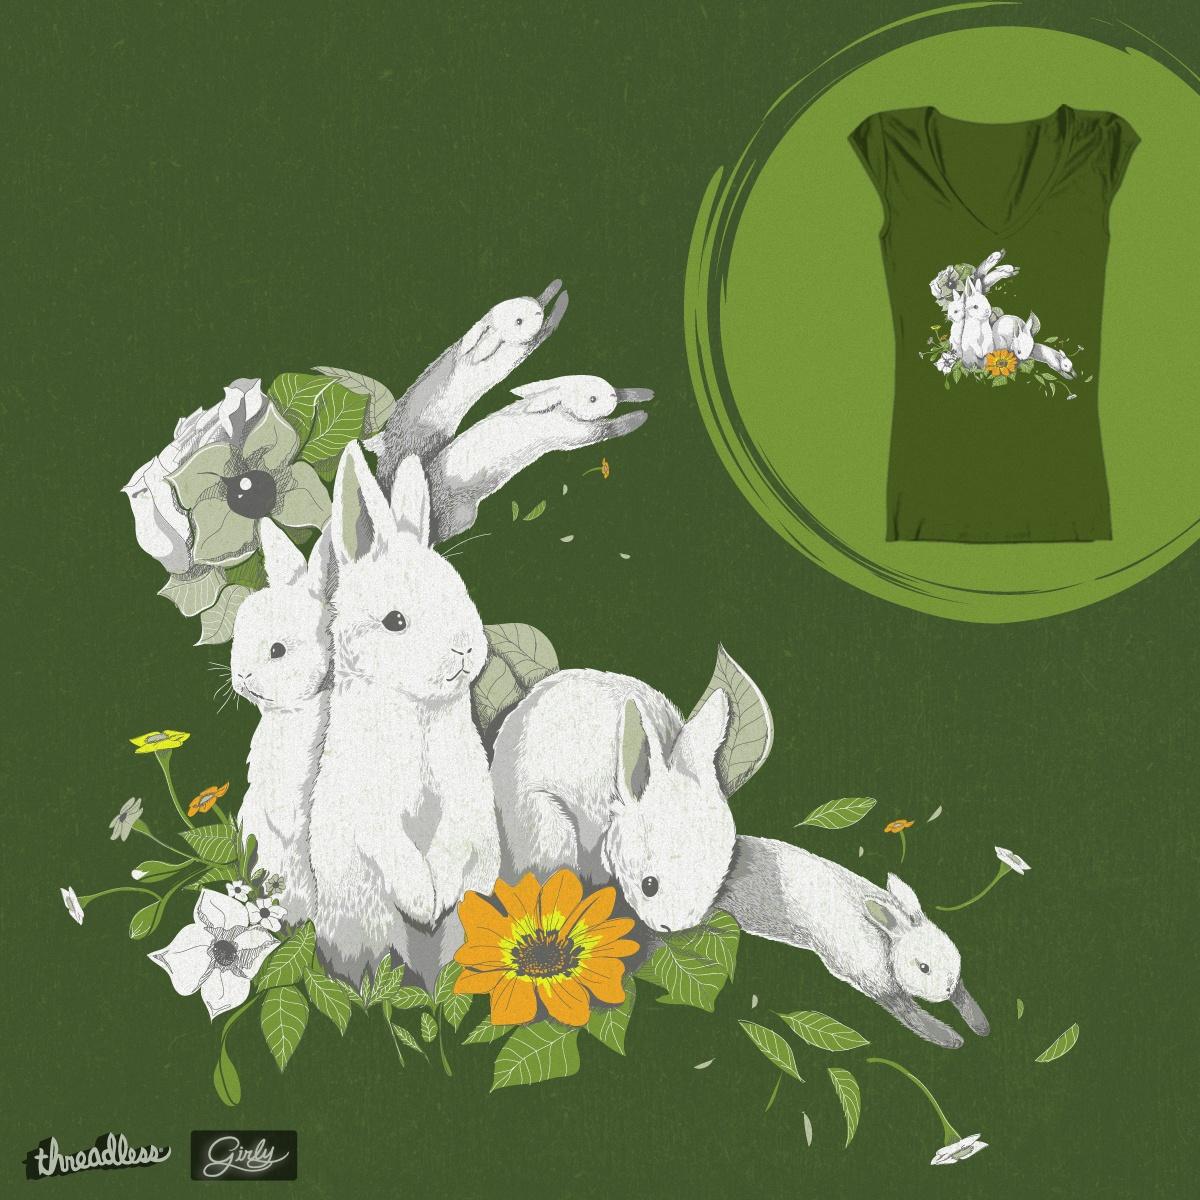 Bunnies by R0D on Threadless